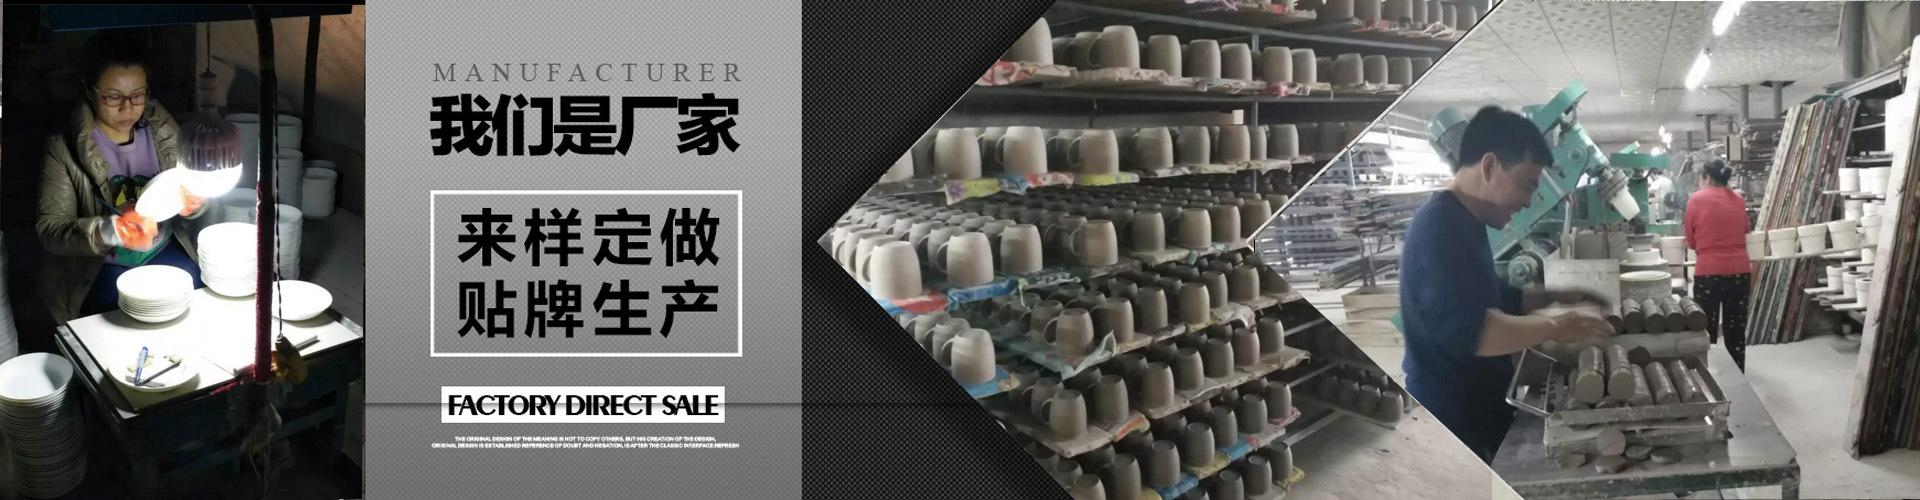 陶瓷水杯定制厂家-唯奥陶